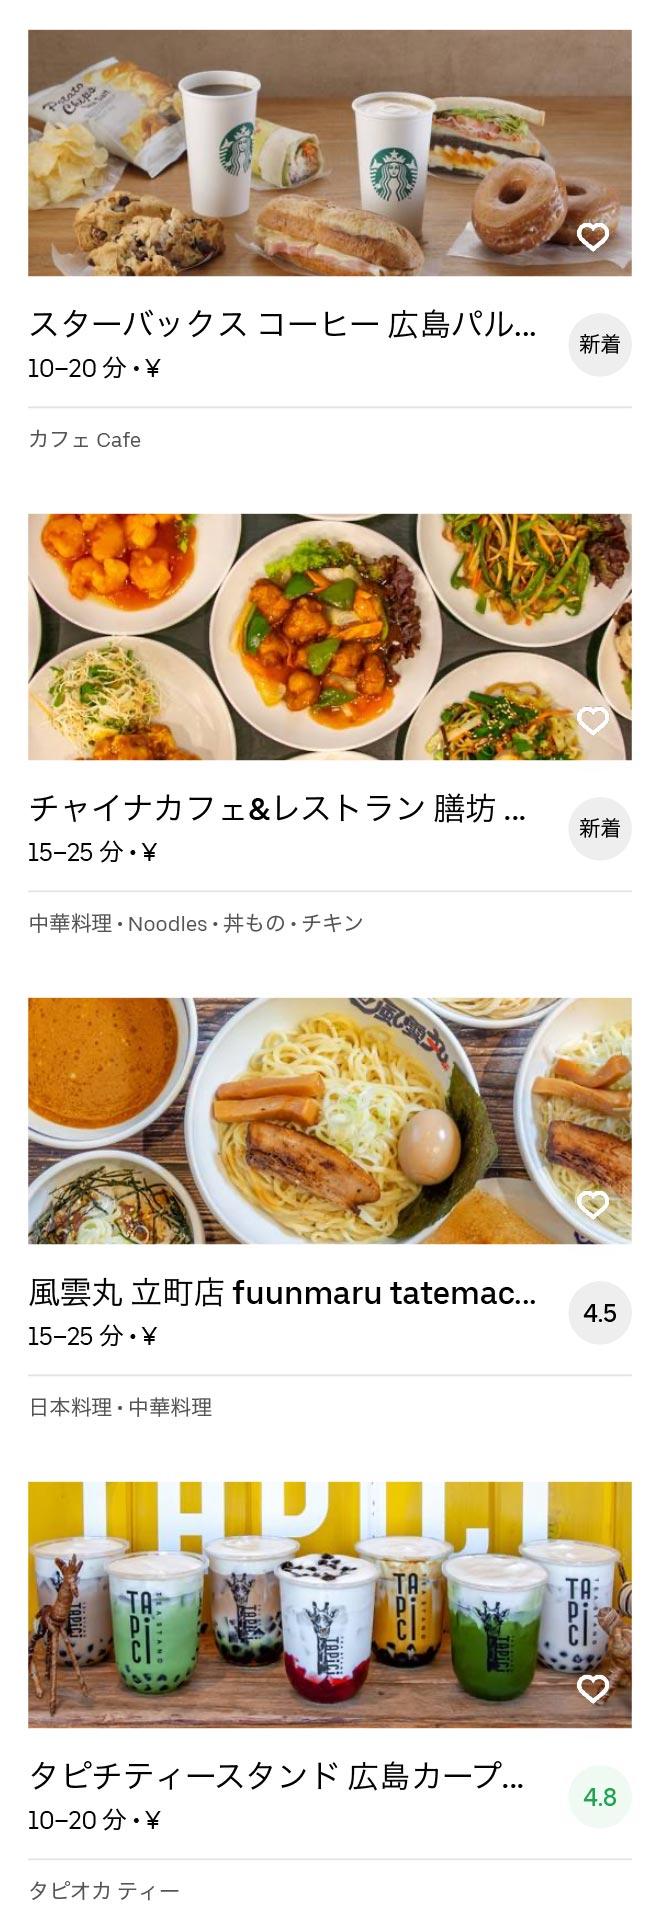 Hiroshima menu 2005 02